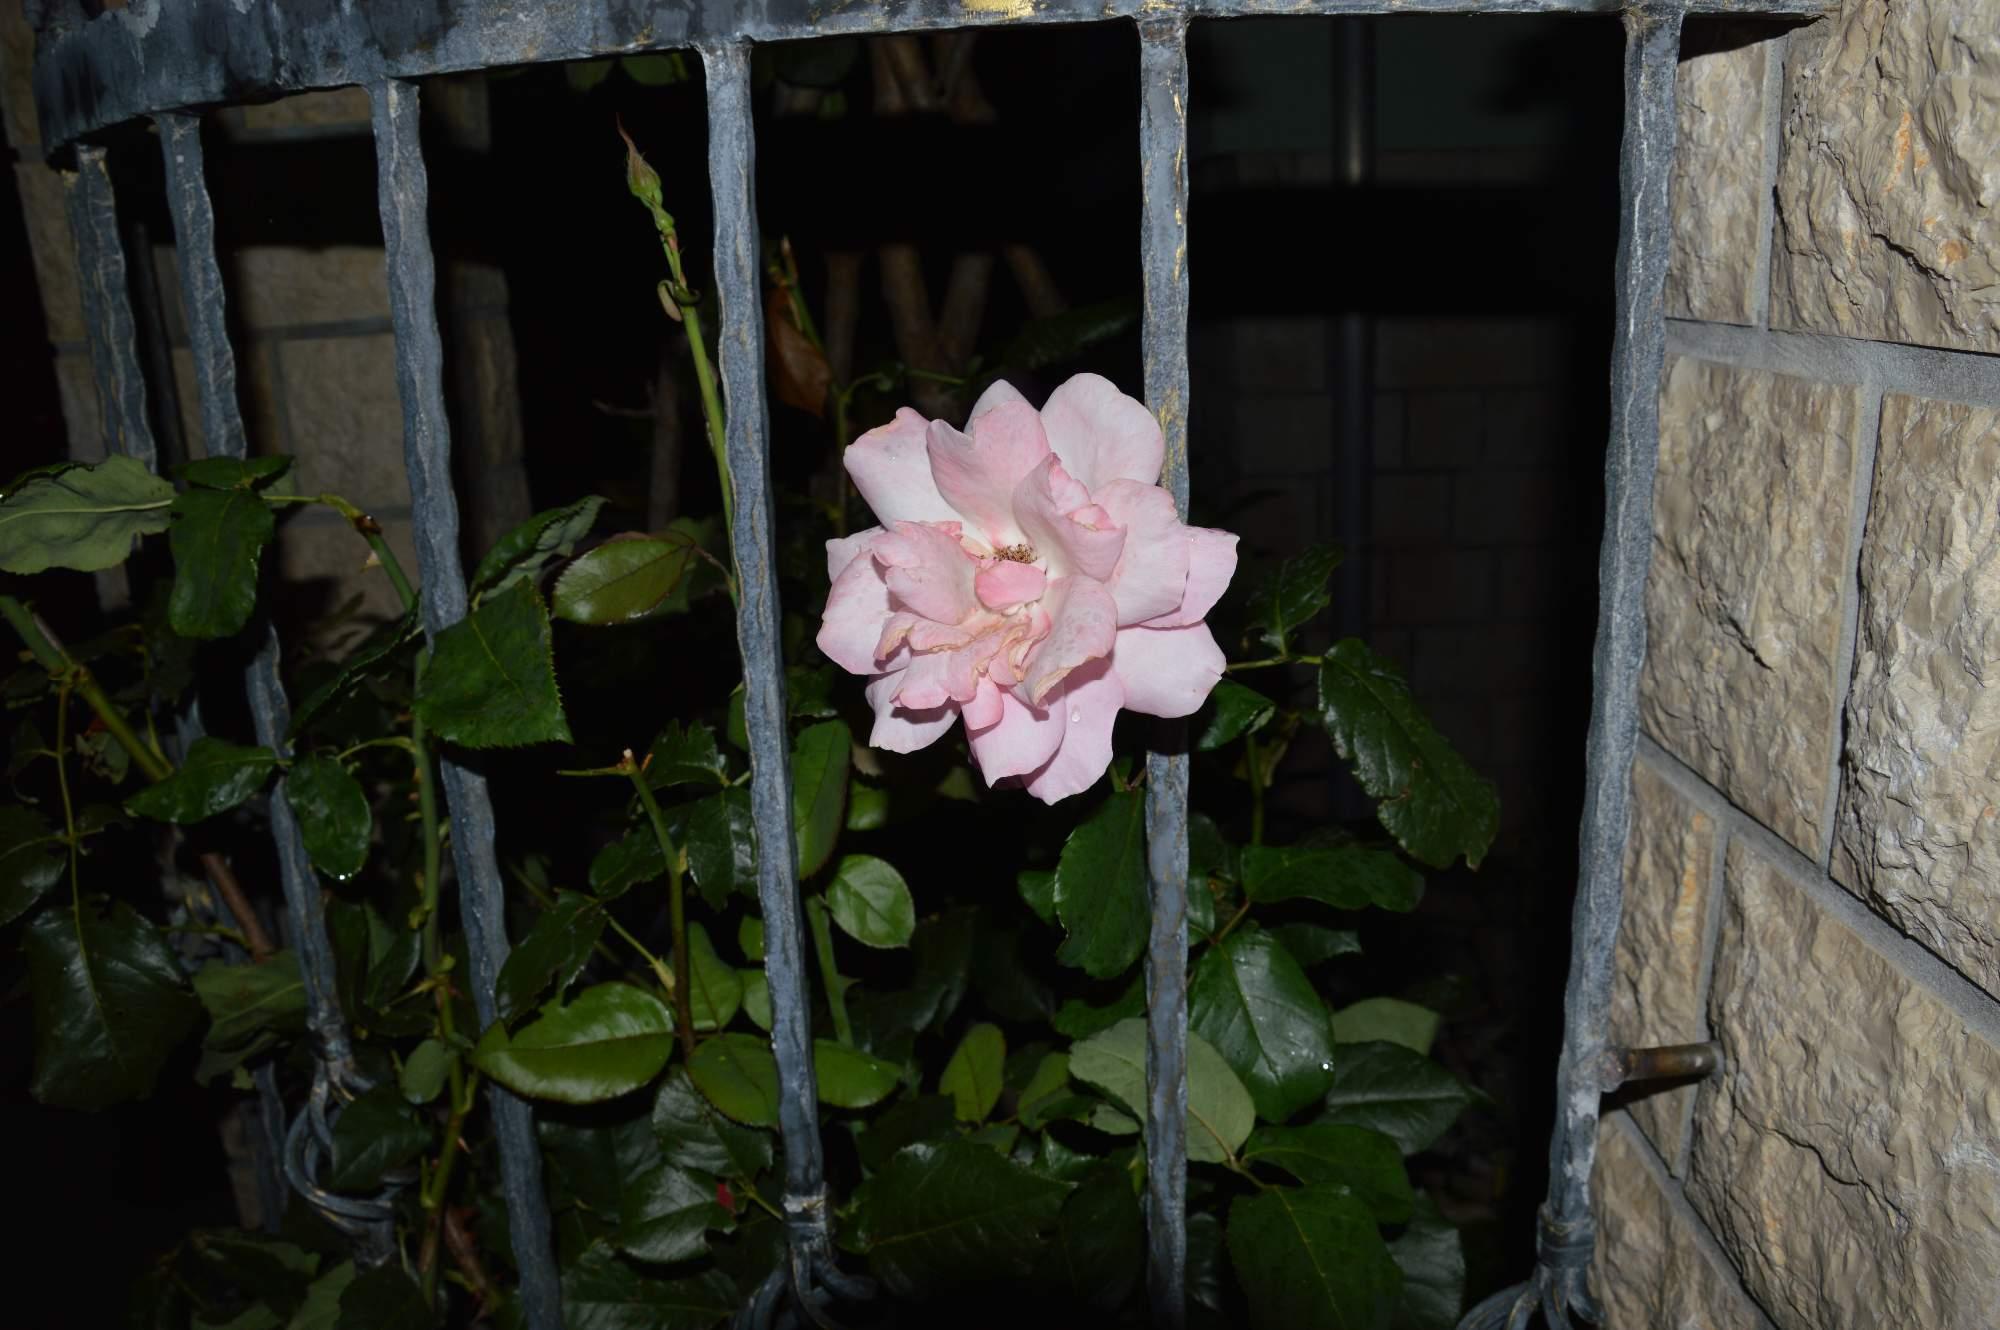 http://img19.rajce.idnes.cz/d1902/11/11369/11369498_ba1b1cc51aa2b100ecd01c05fe1b9075/images/DSC_0122.jpg